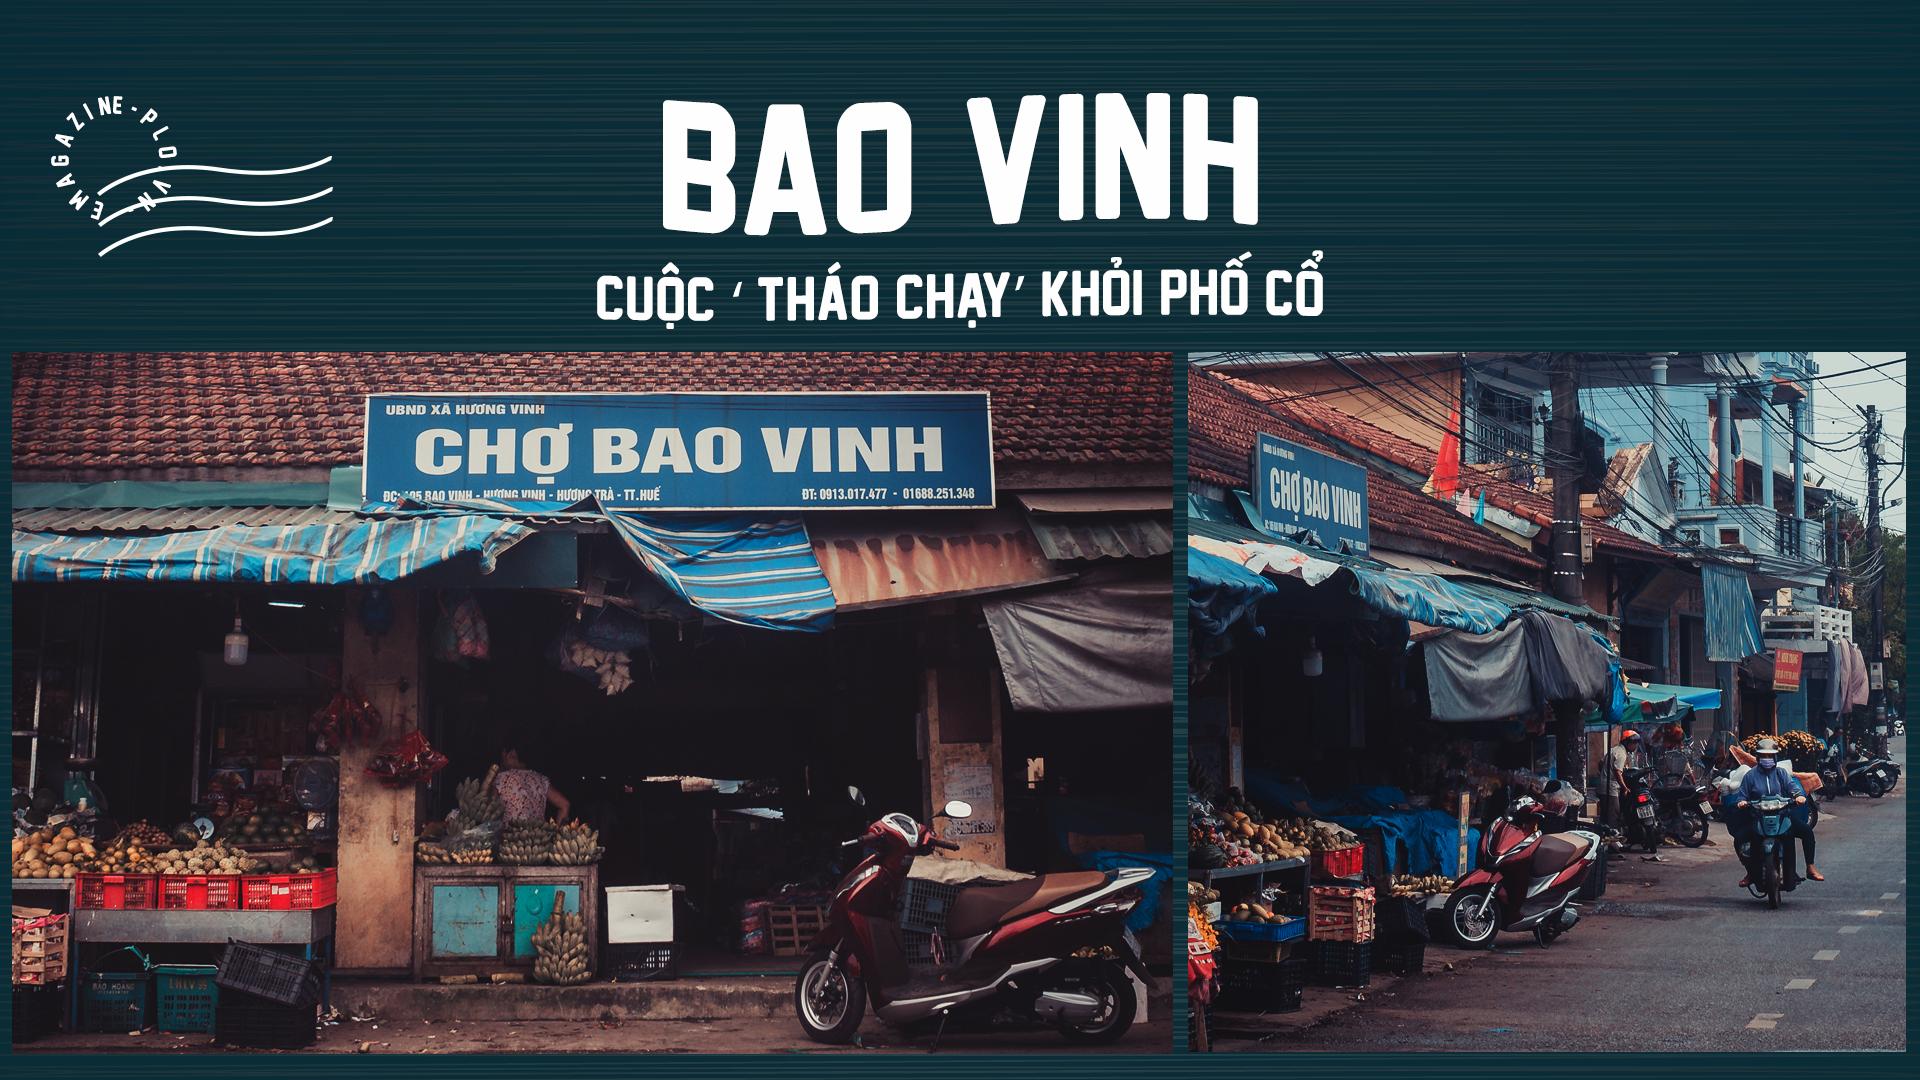 Bao Vinh: Cuộc 'tháo chạy' khỏi phố cổ